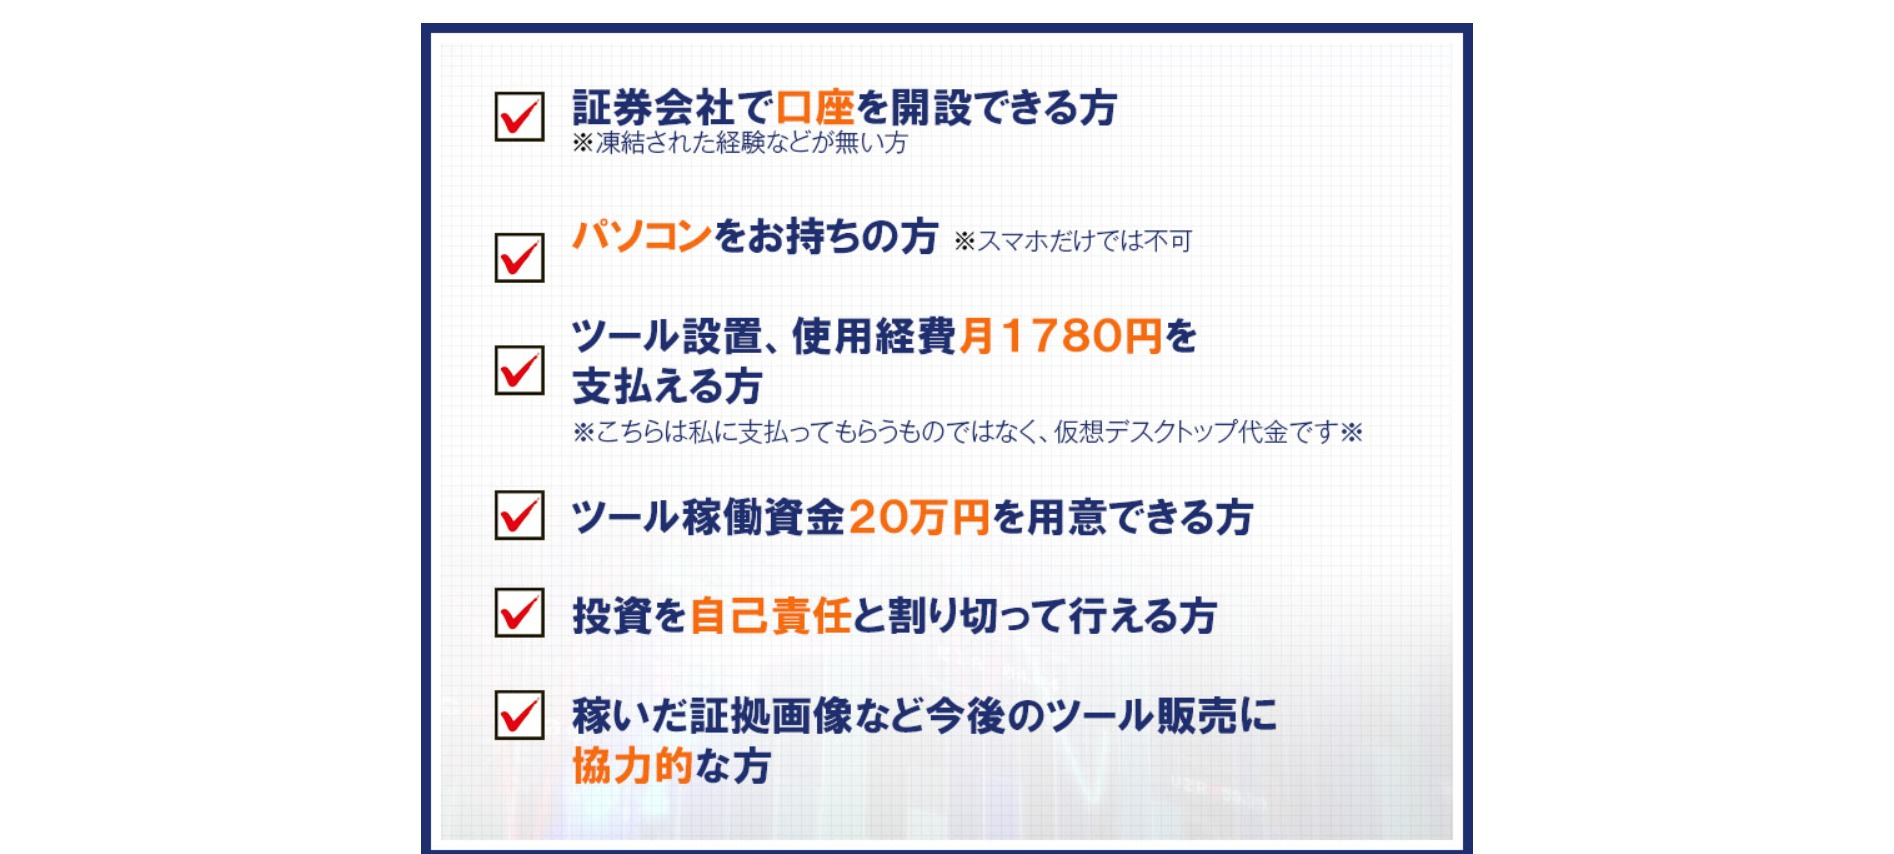 中村大祐×熊本圭祐の中村BAS(バス)サロンプロジェクトは本当にほたったらかしで毎月最低2万円稼ぐことができるのか?